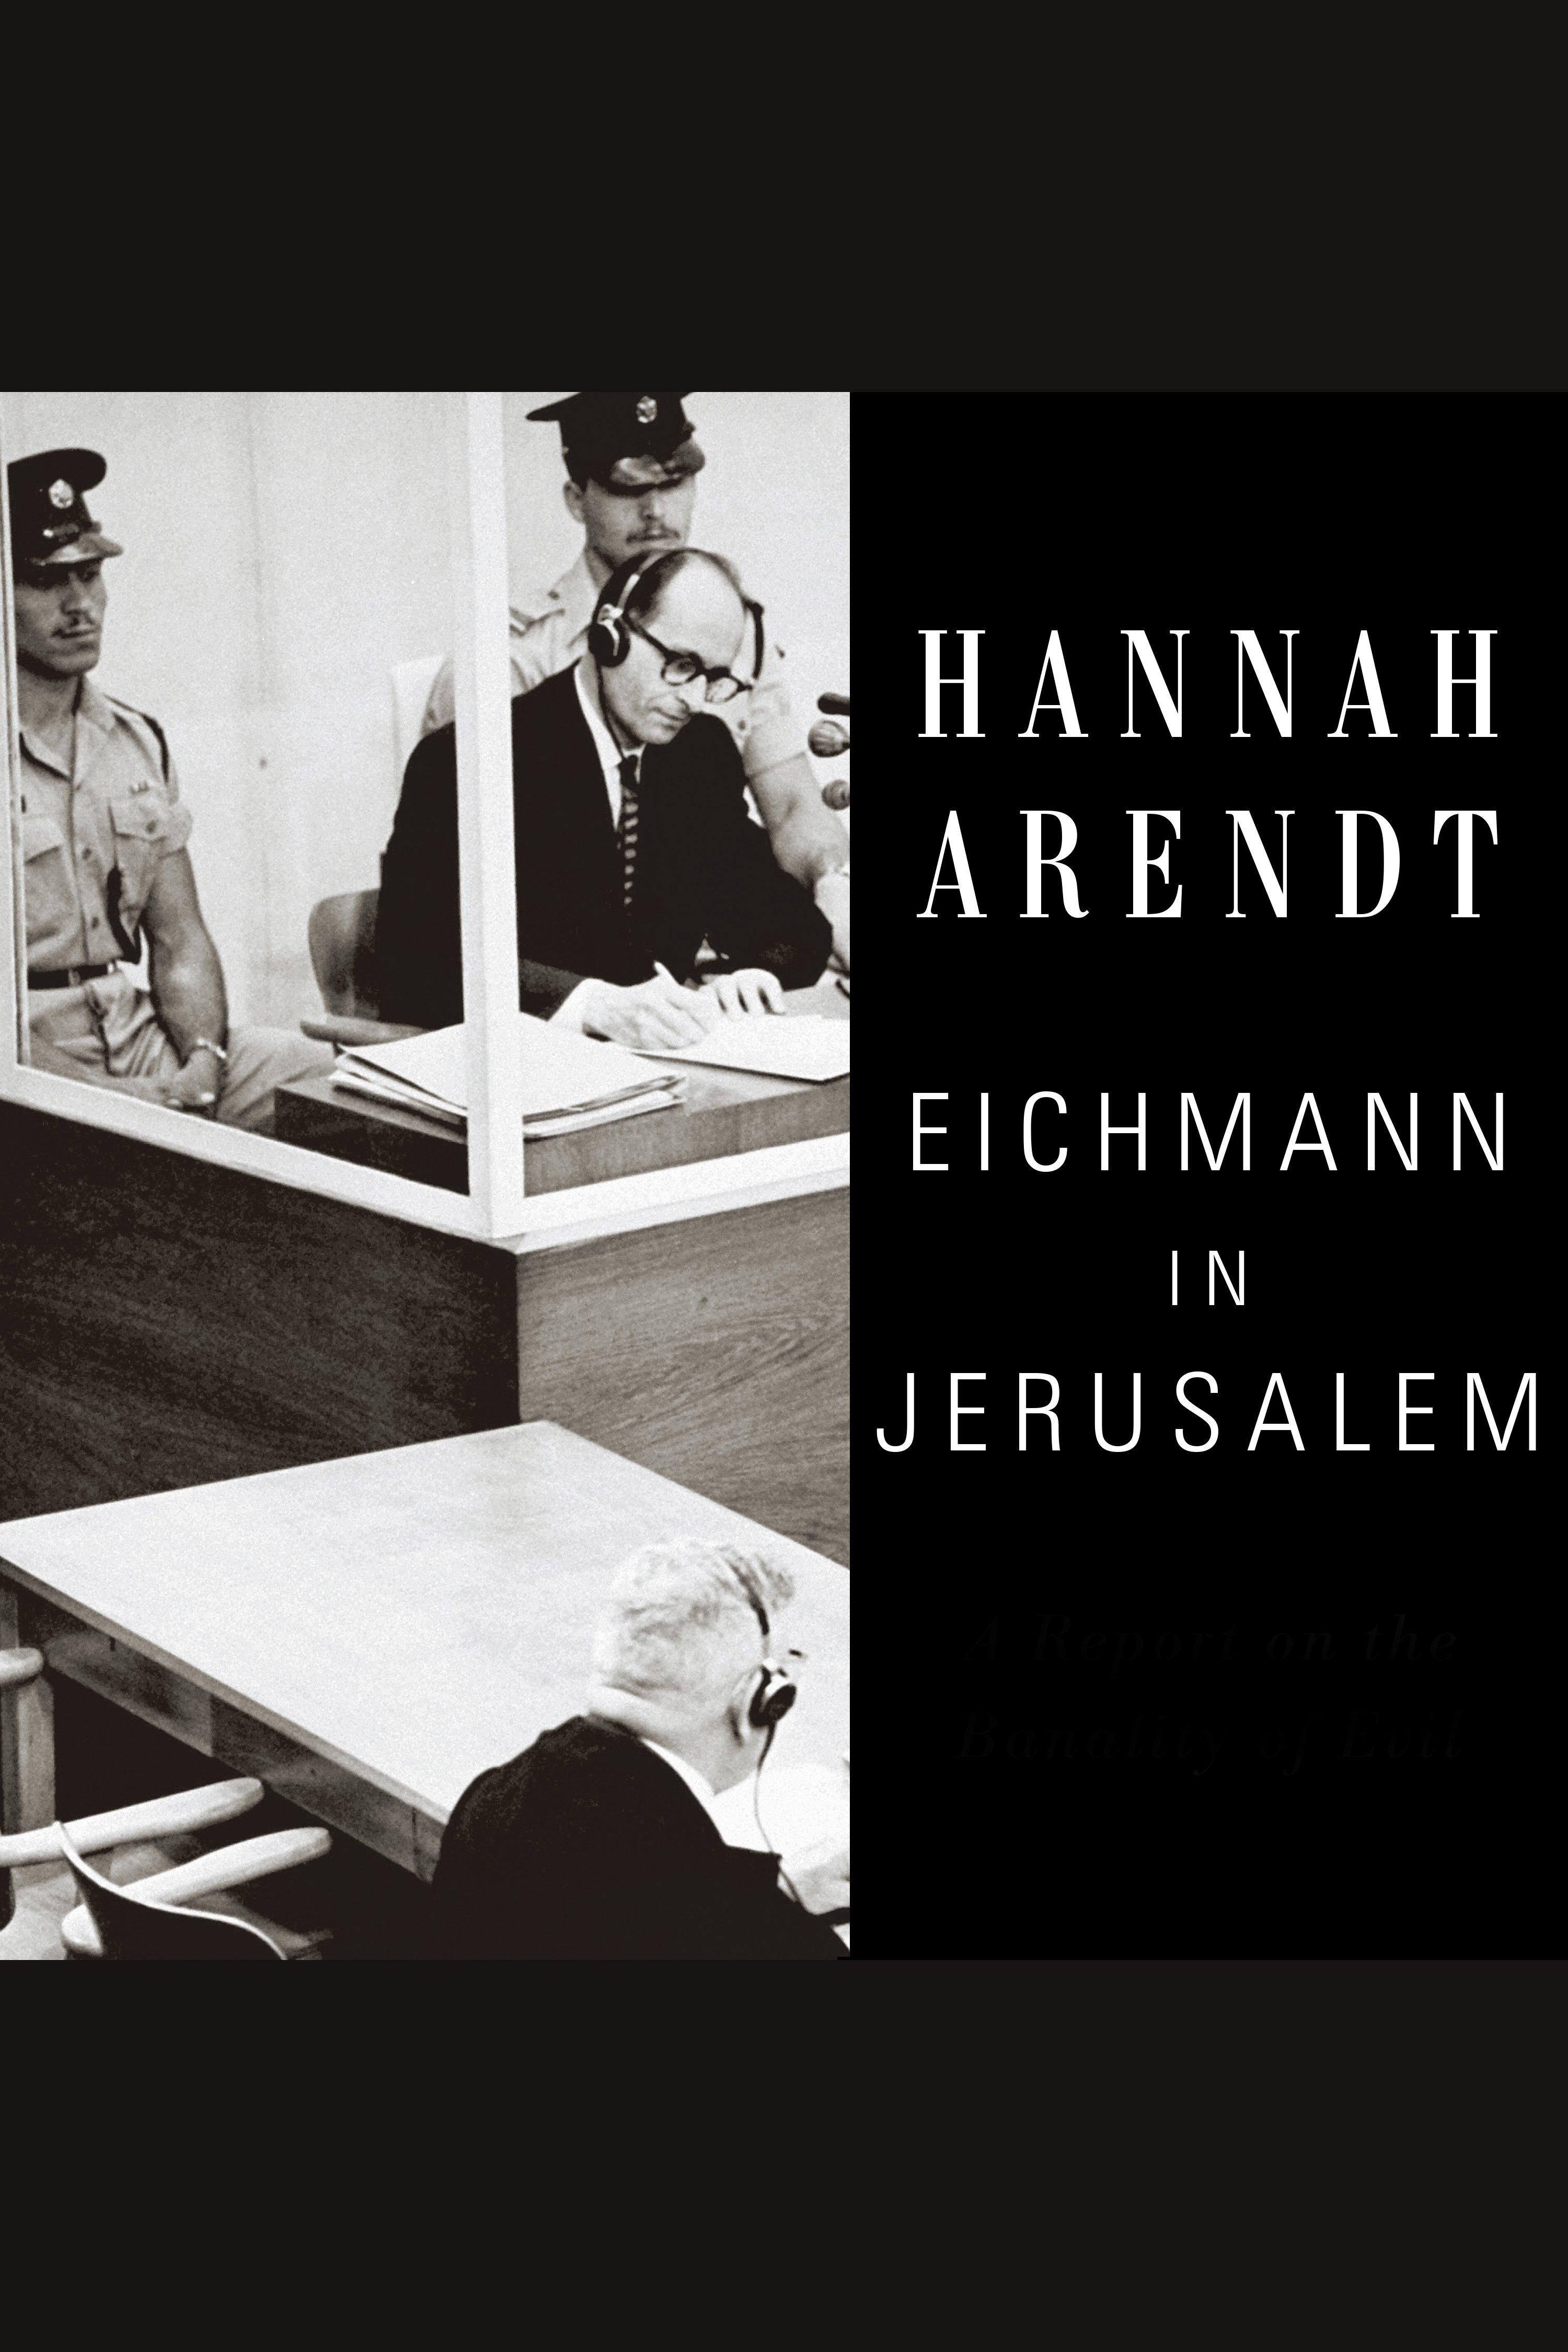 Esta es la portada del audiolibro Eichmann in Jerusalem